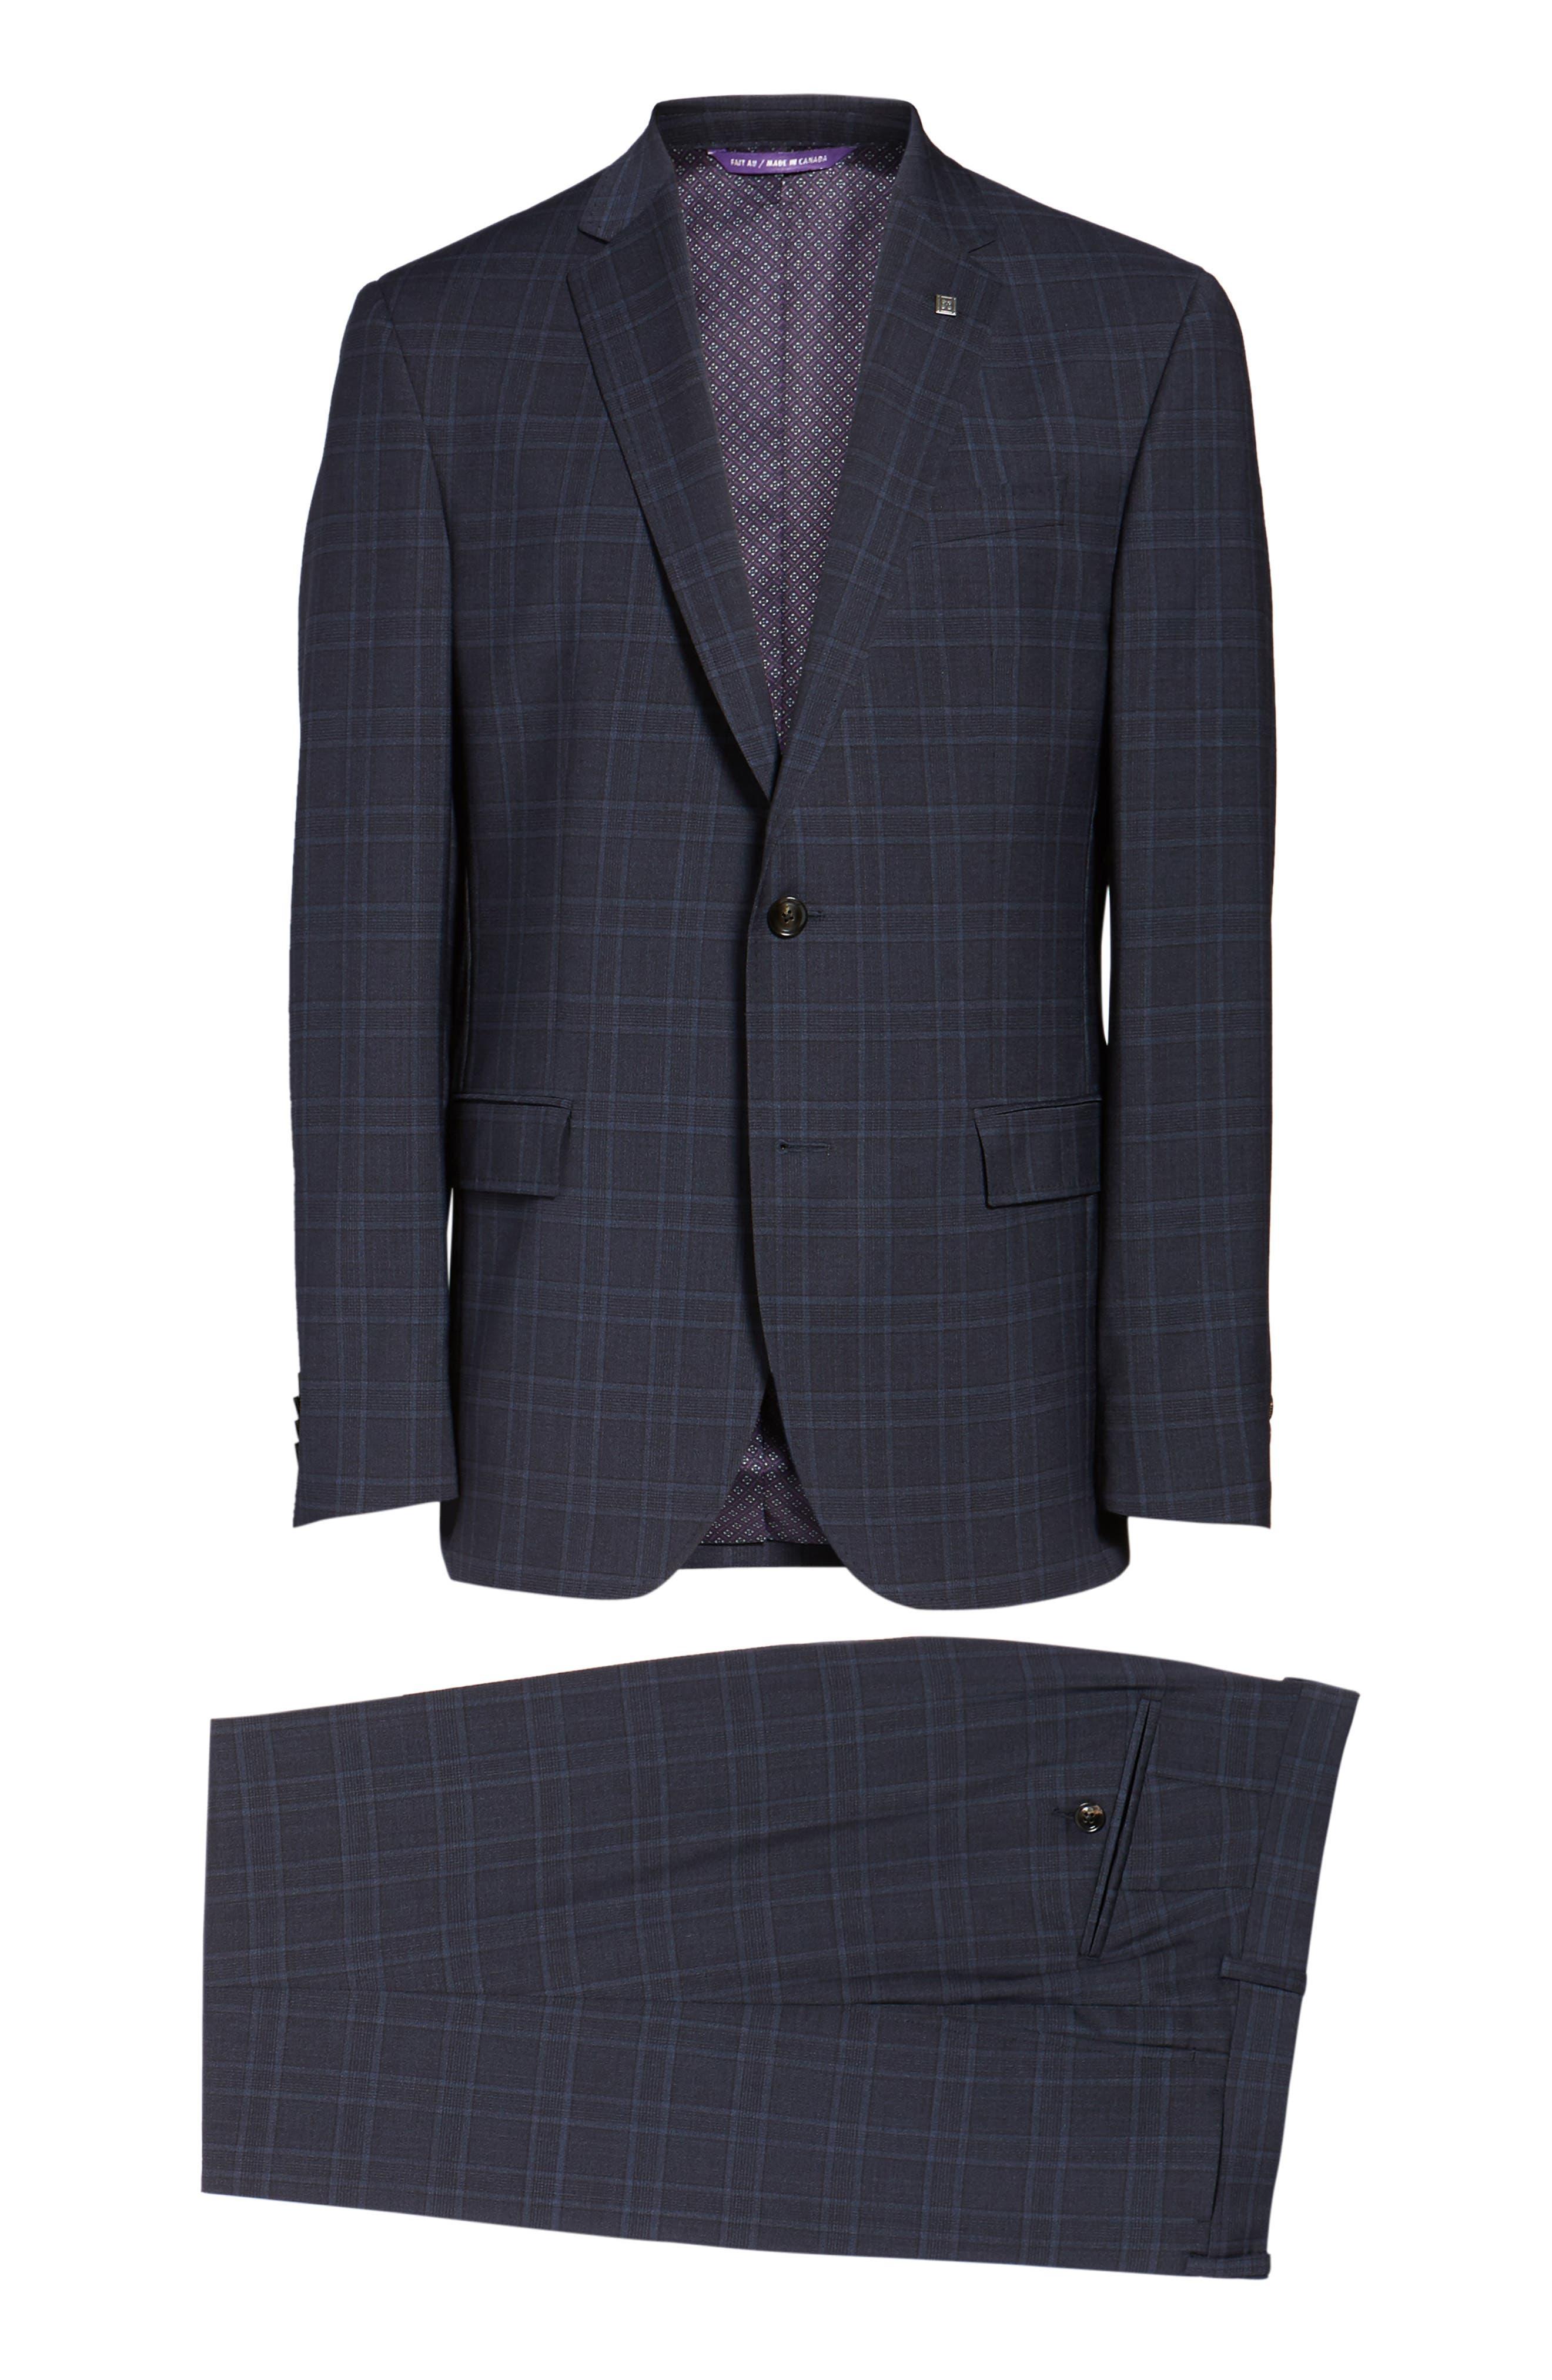 Jay Trim Fit Plaid Wool Suit,                             Alternate thumbnail 8, color,                             400